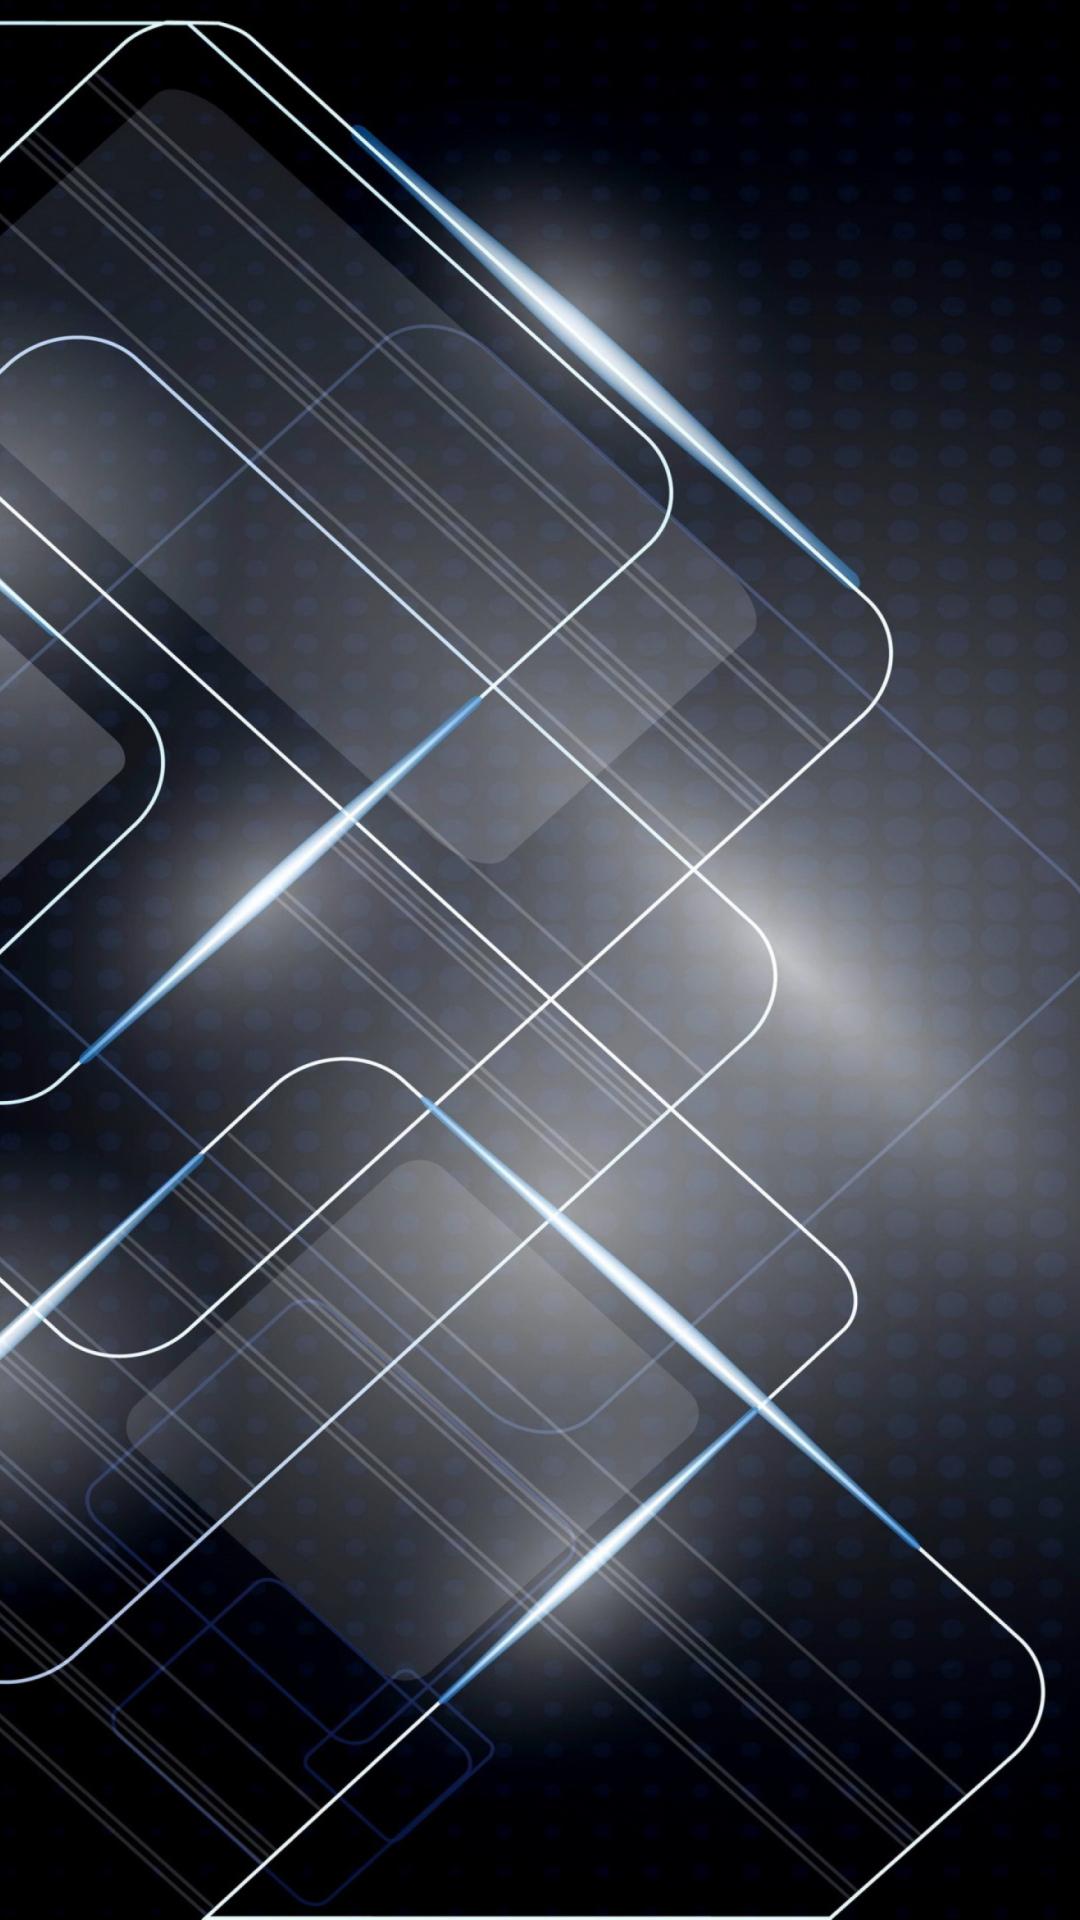 Картинки на главный экран телефона нокиа